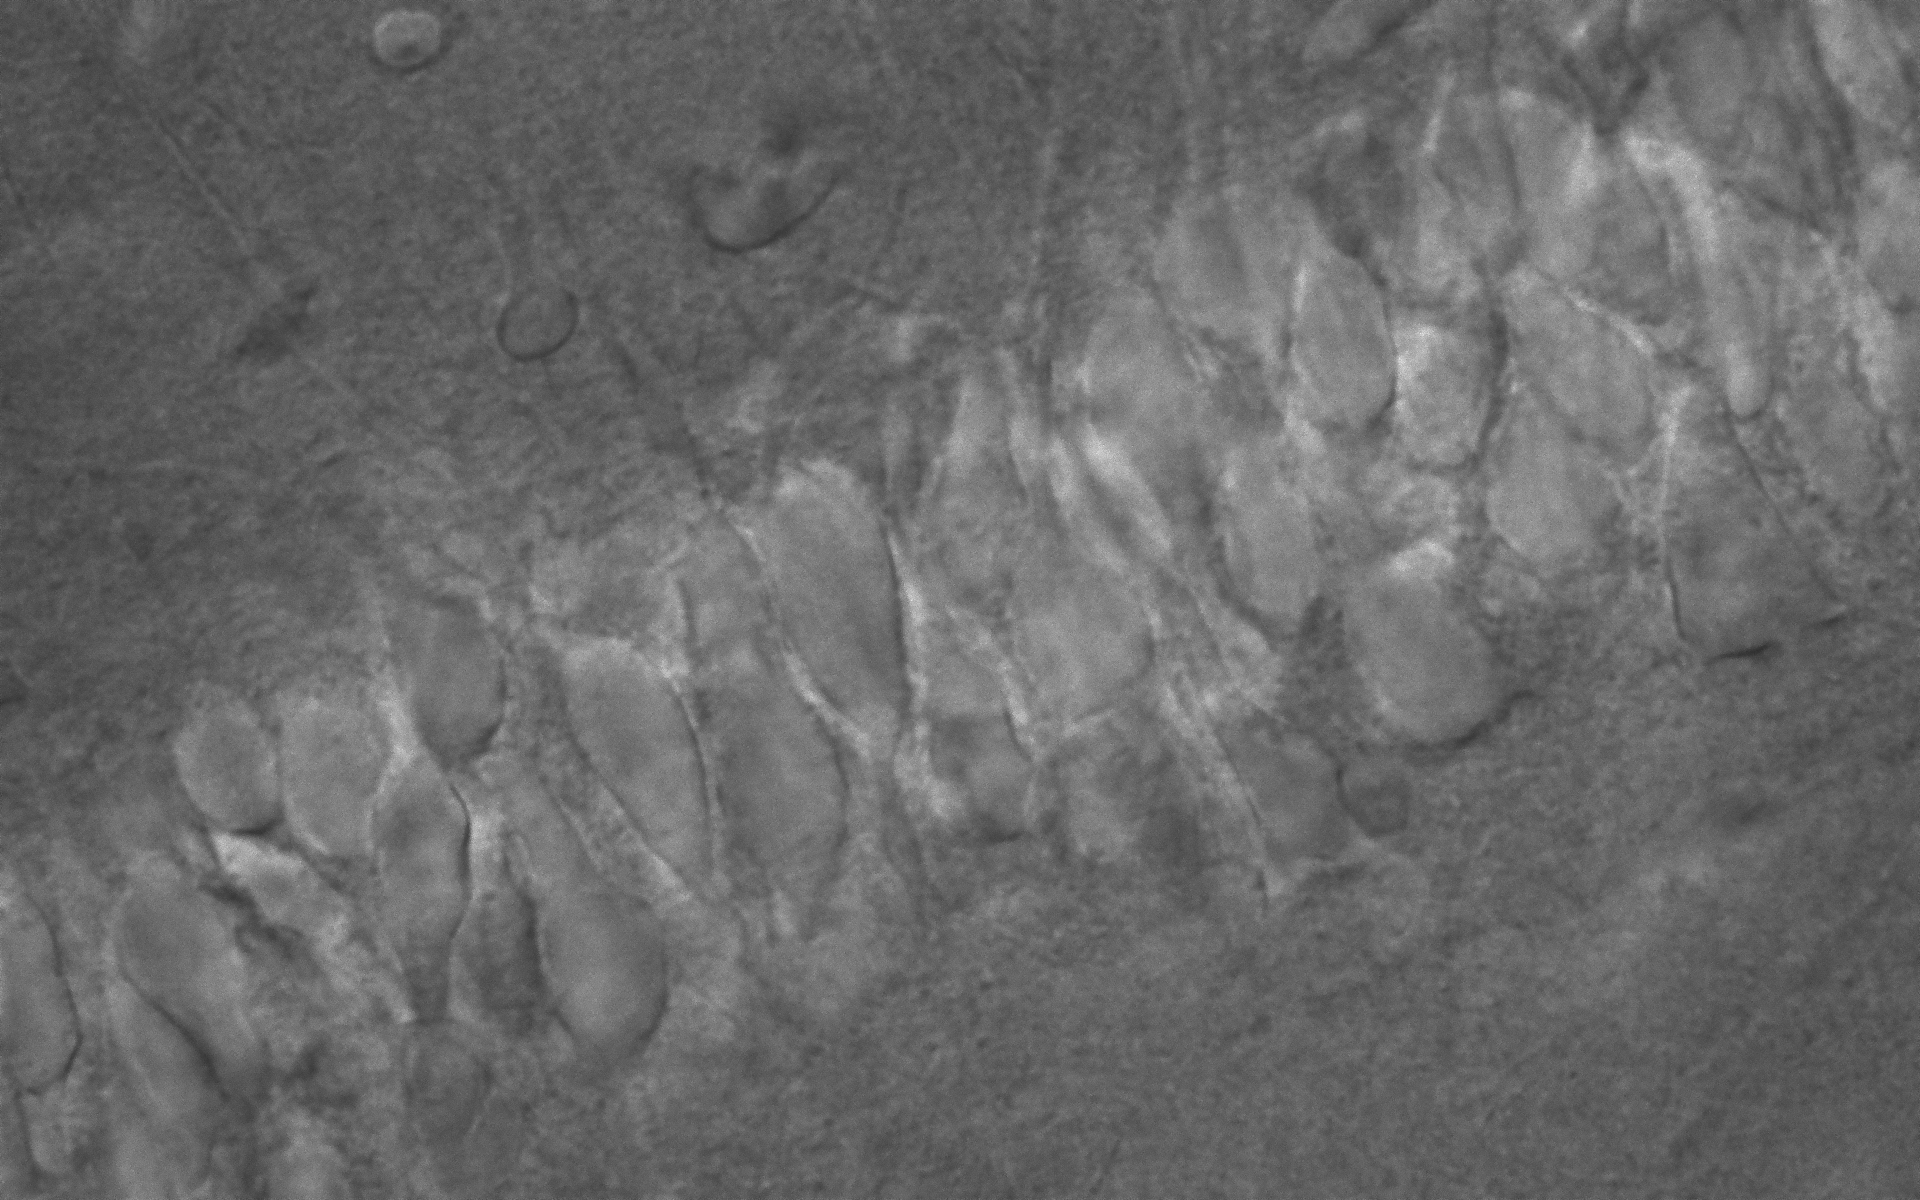 20151120_1(CA1 pyramidal neuron)